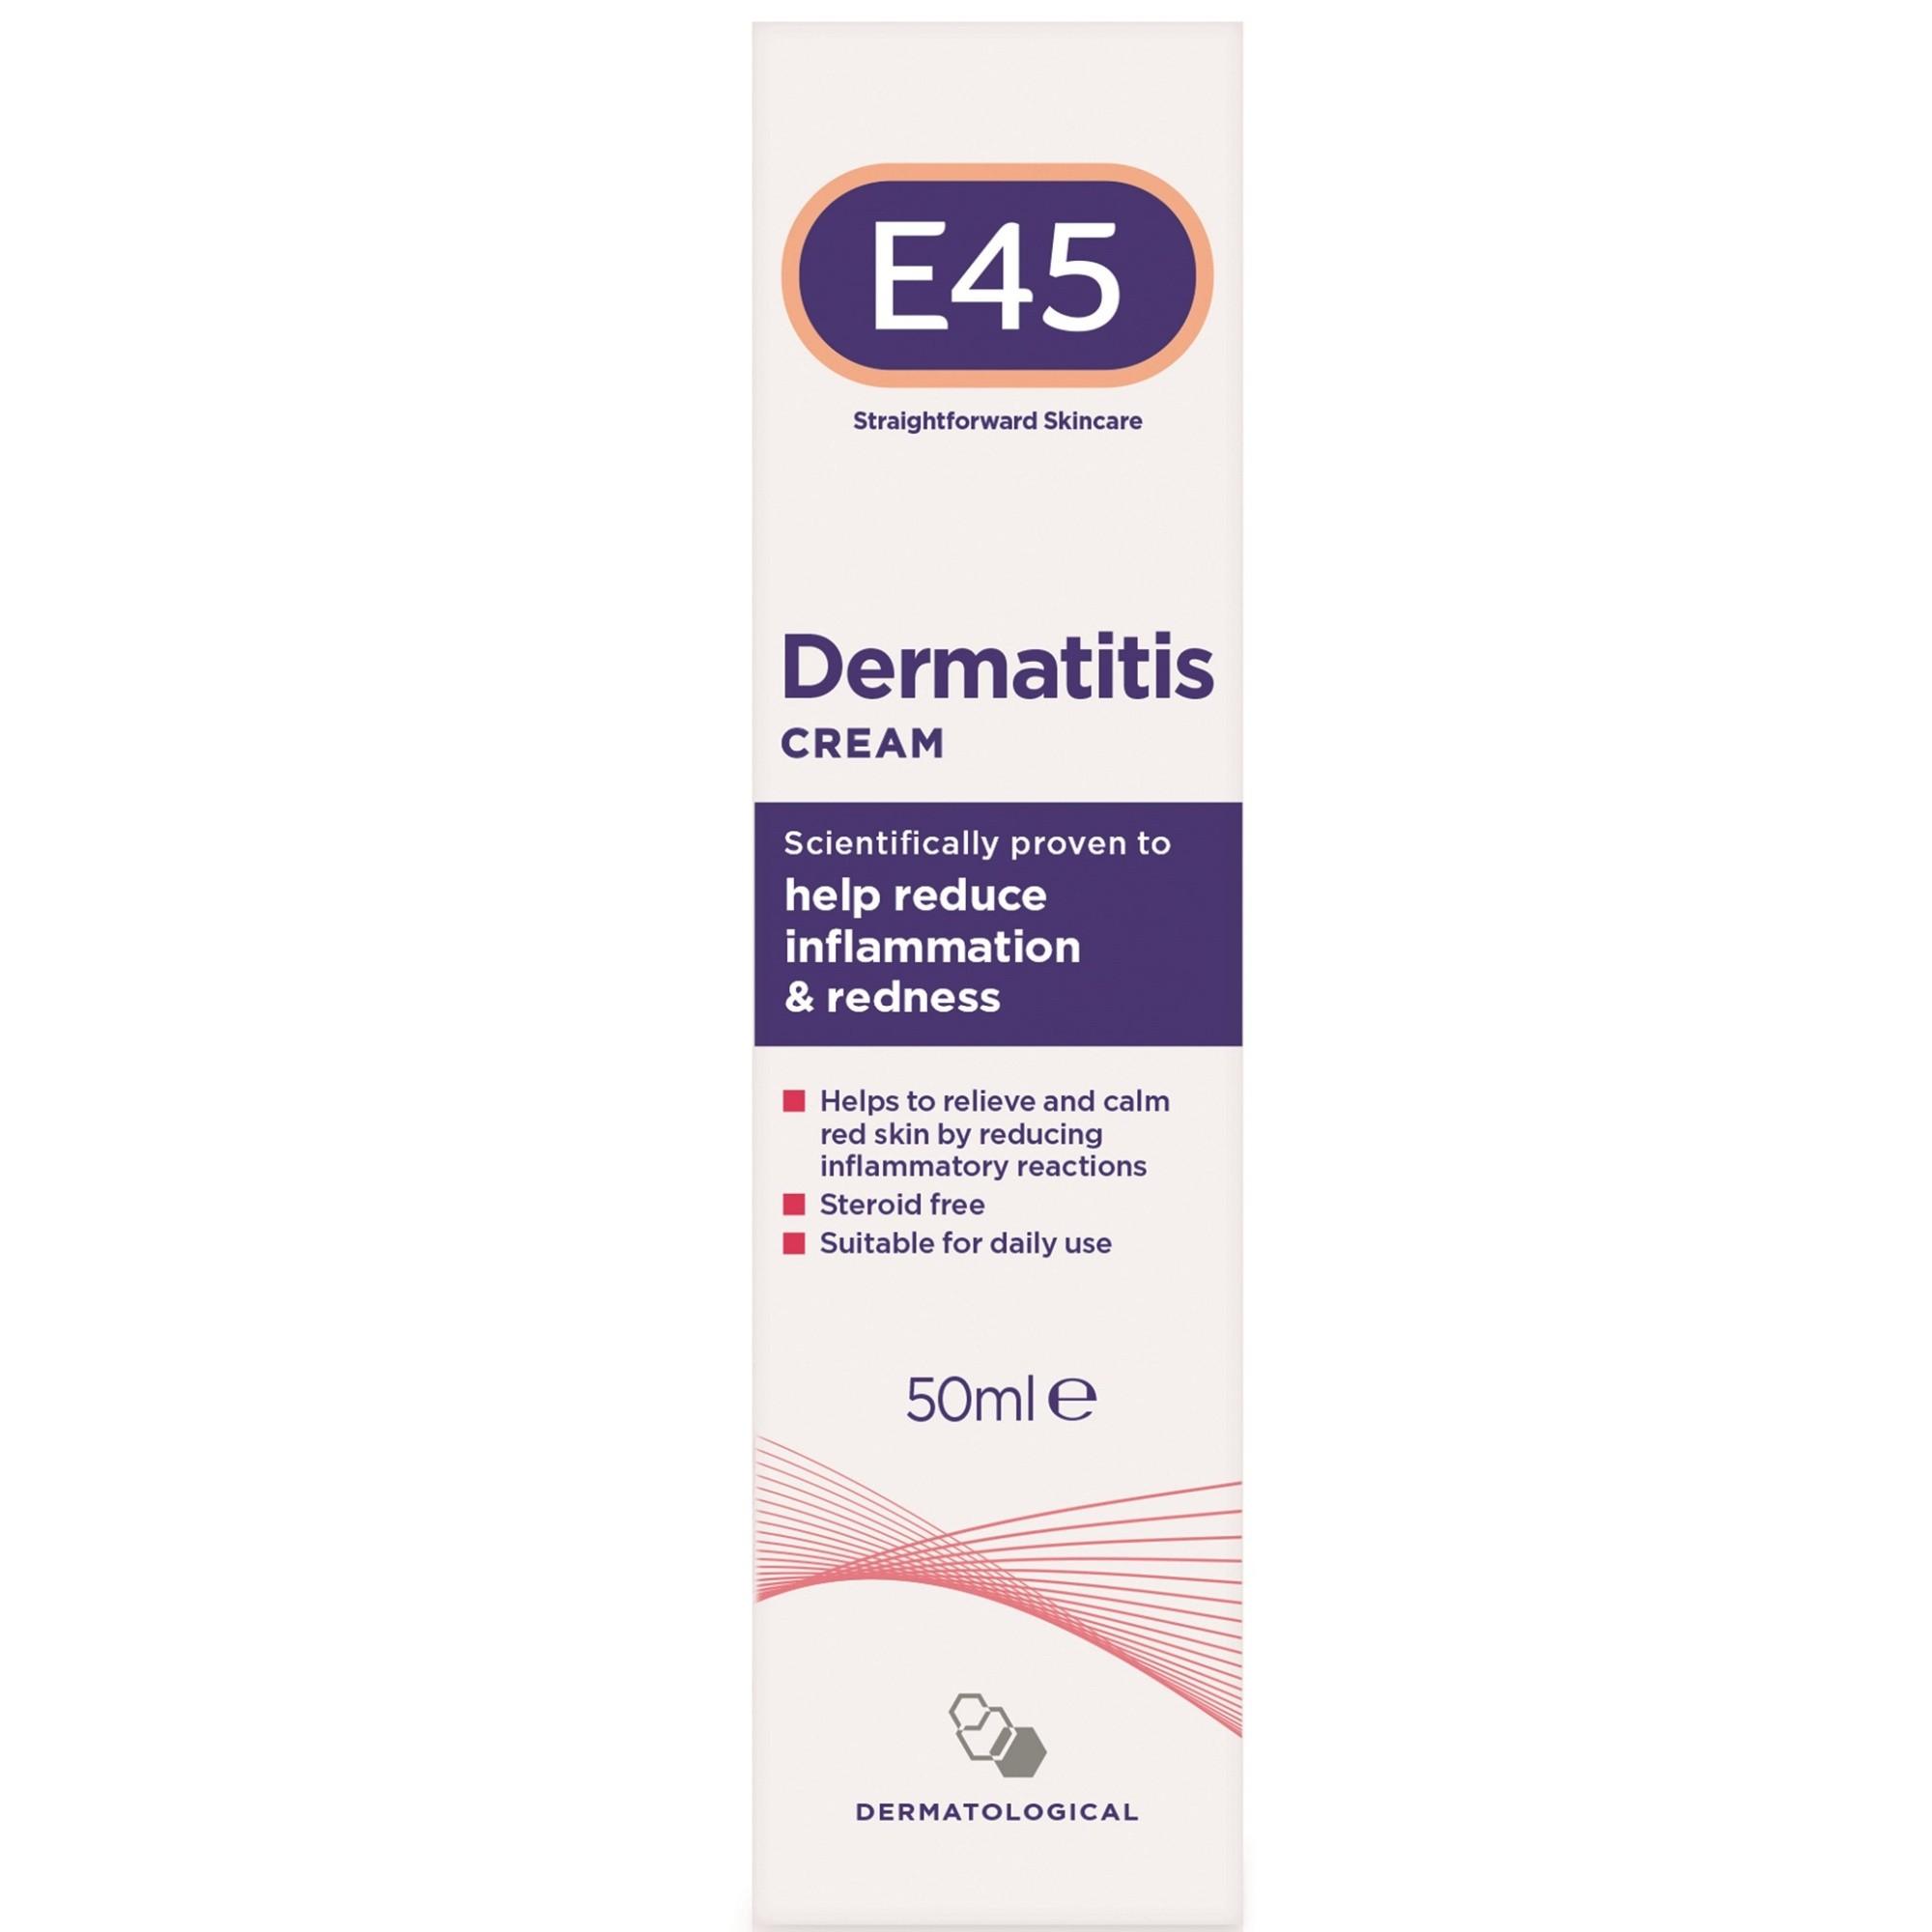 E45 Dermatitis Cream